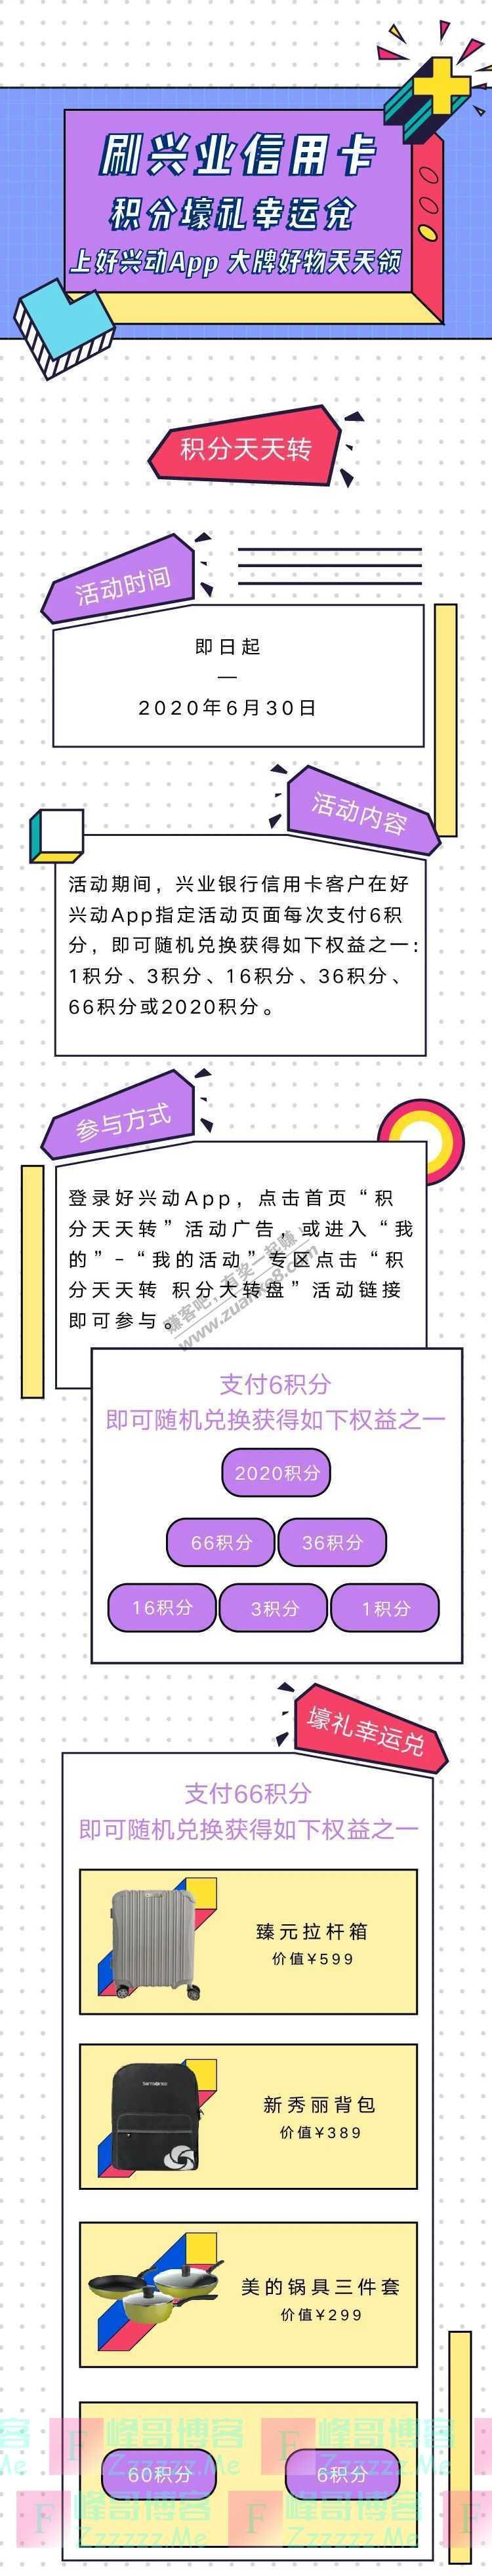 兴业银行xing/用卡上好兴动App,6积分抽大奖,积分好礼等你领(截止6月30日)